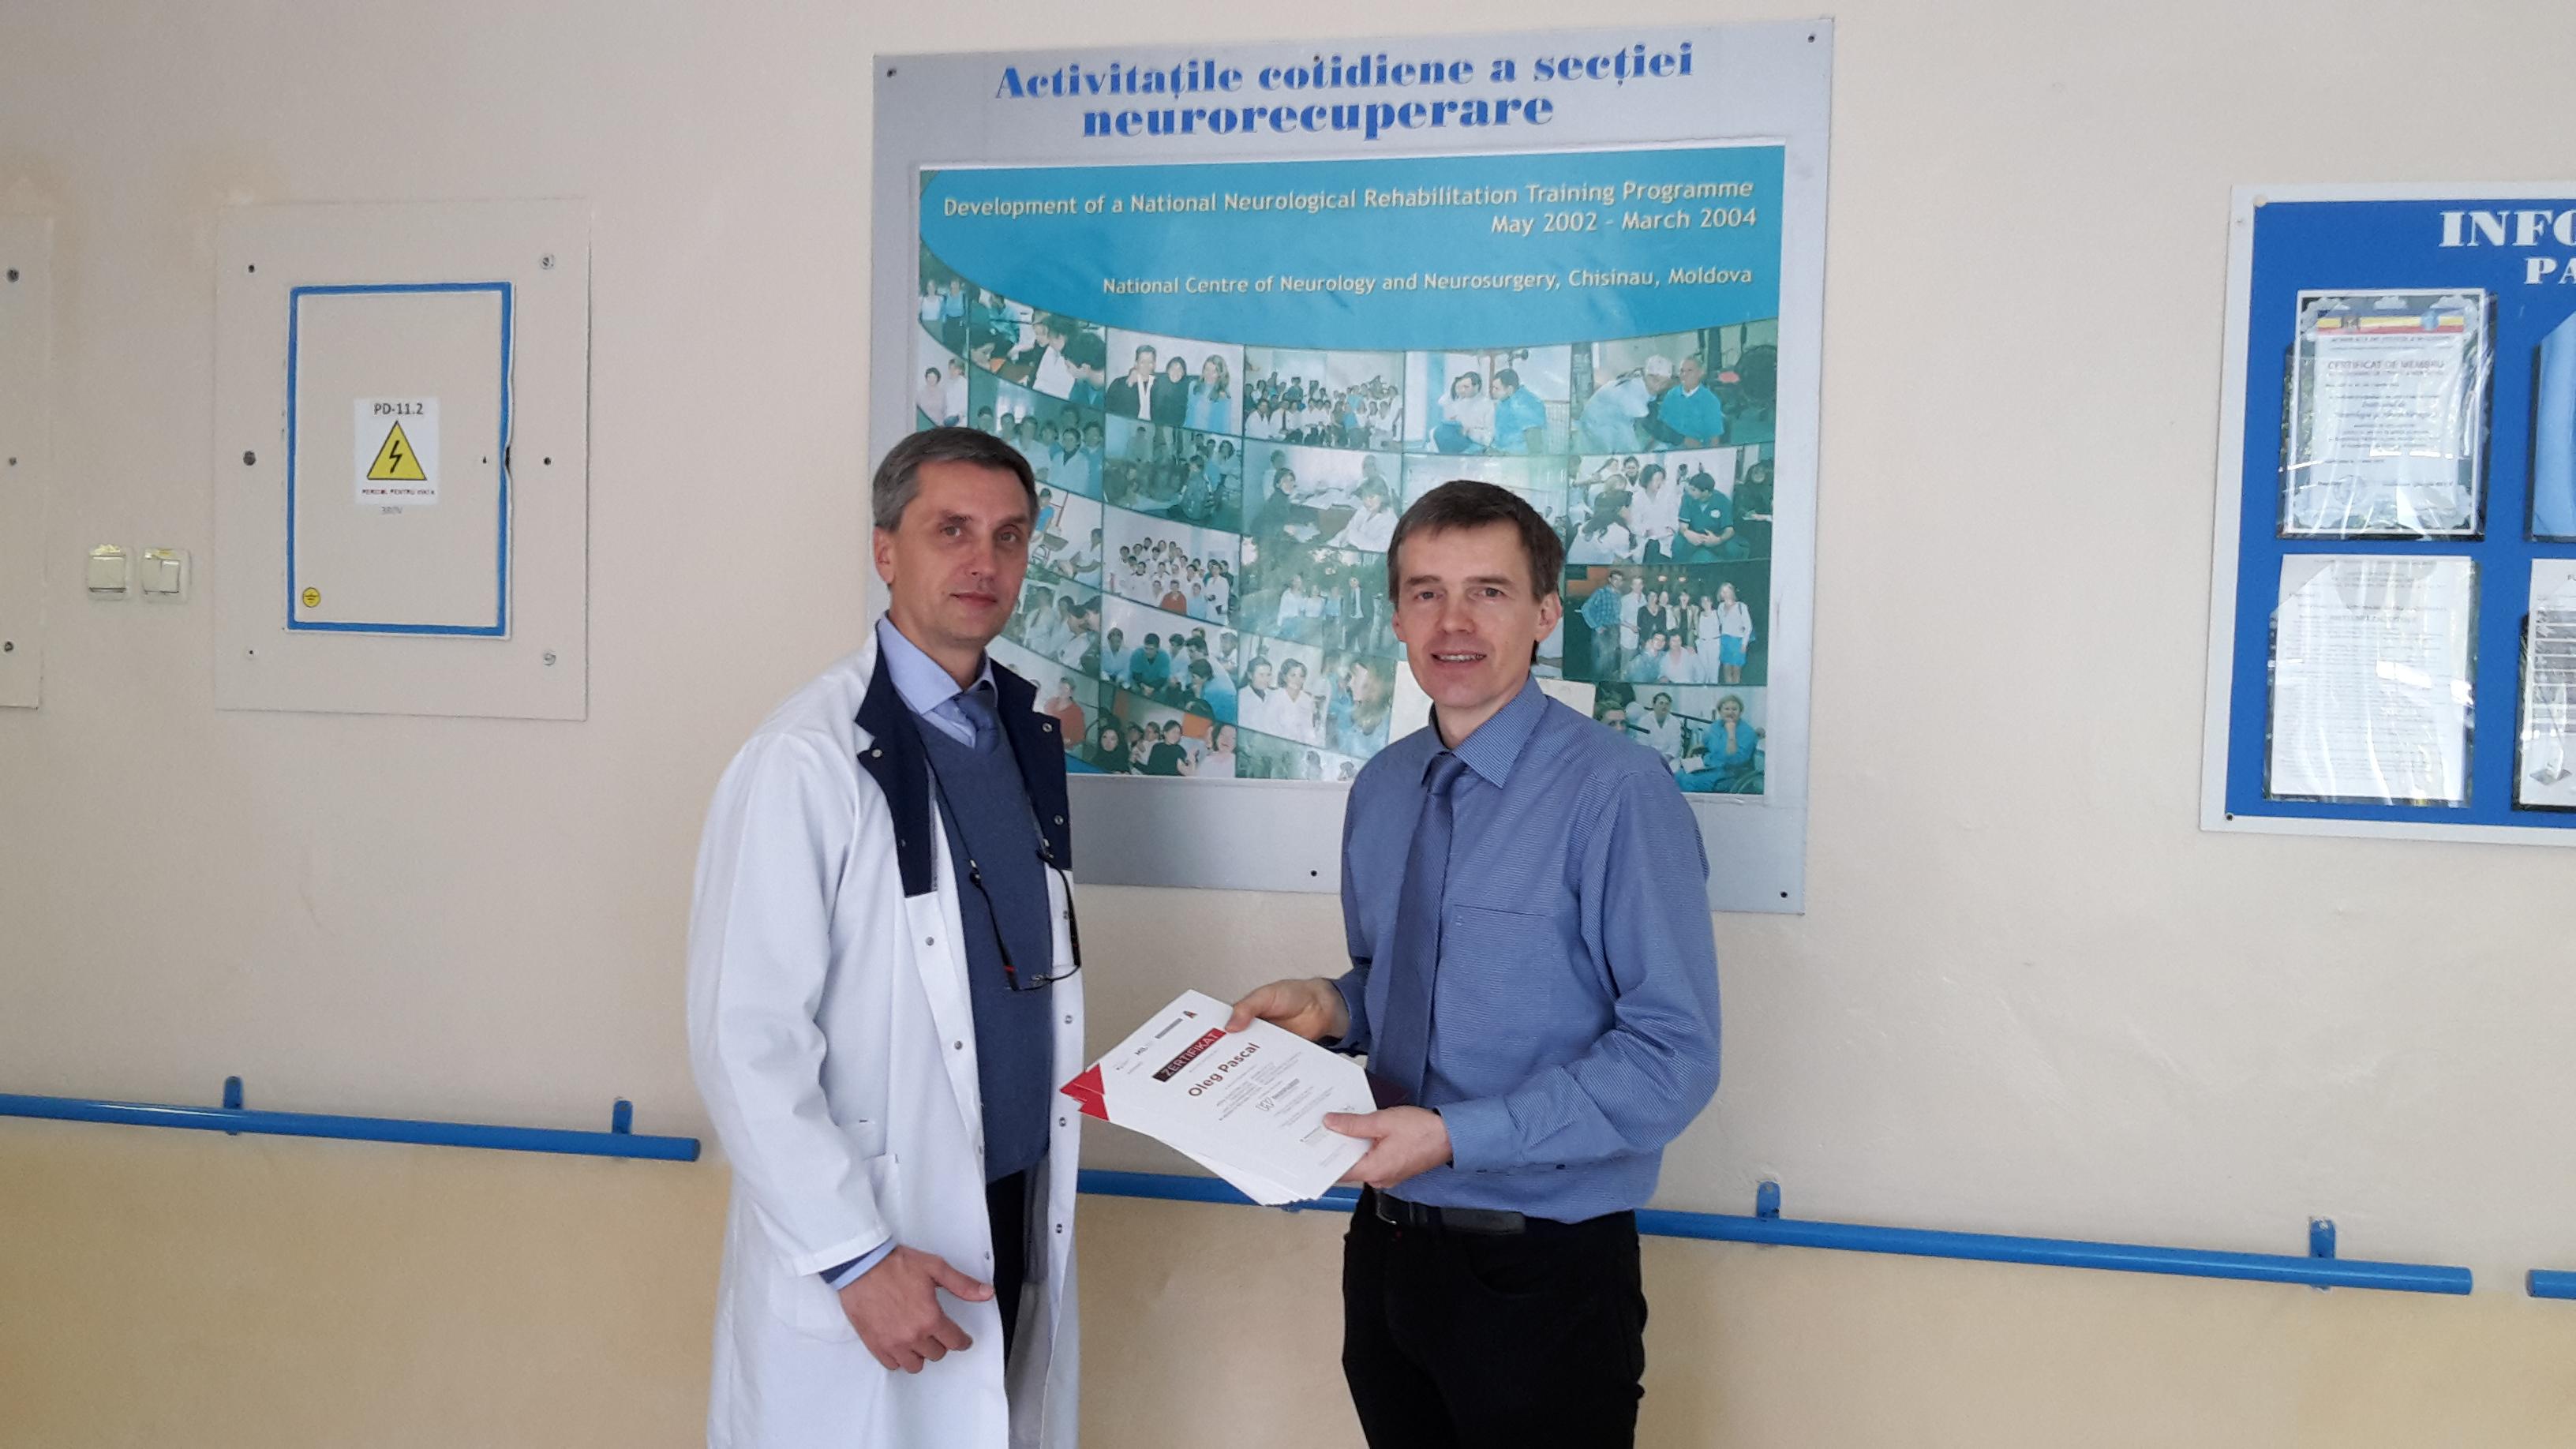 In_der_REHA_Klinik_ÜbergabeTeilnahmezertifikate